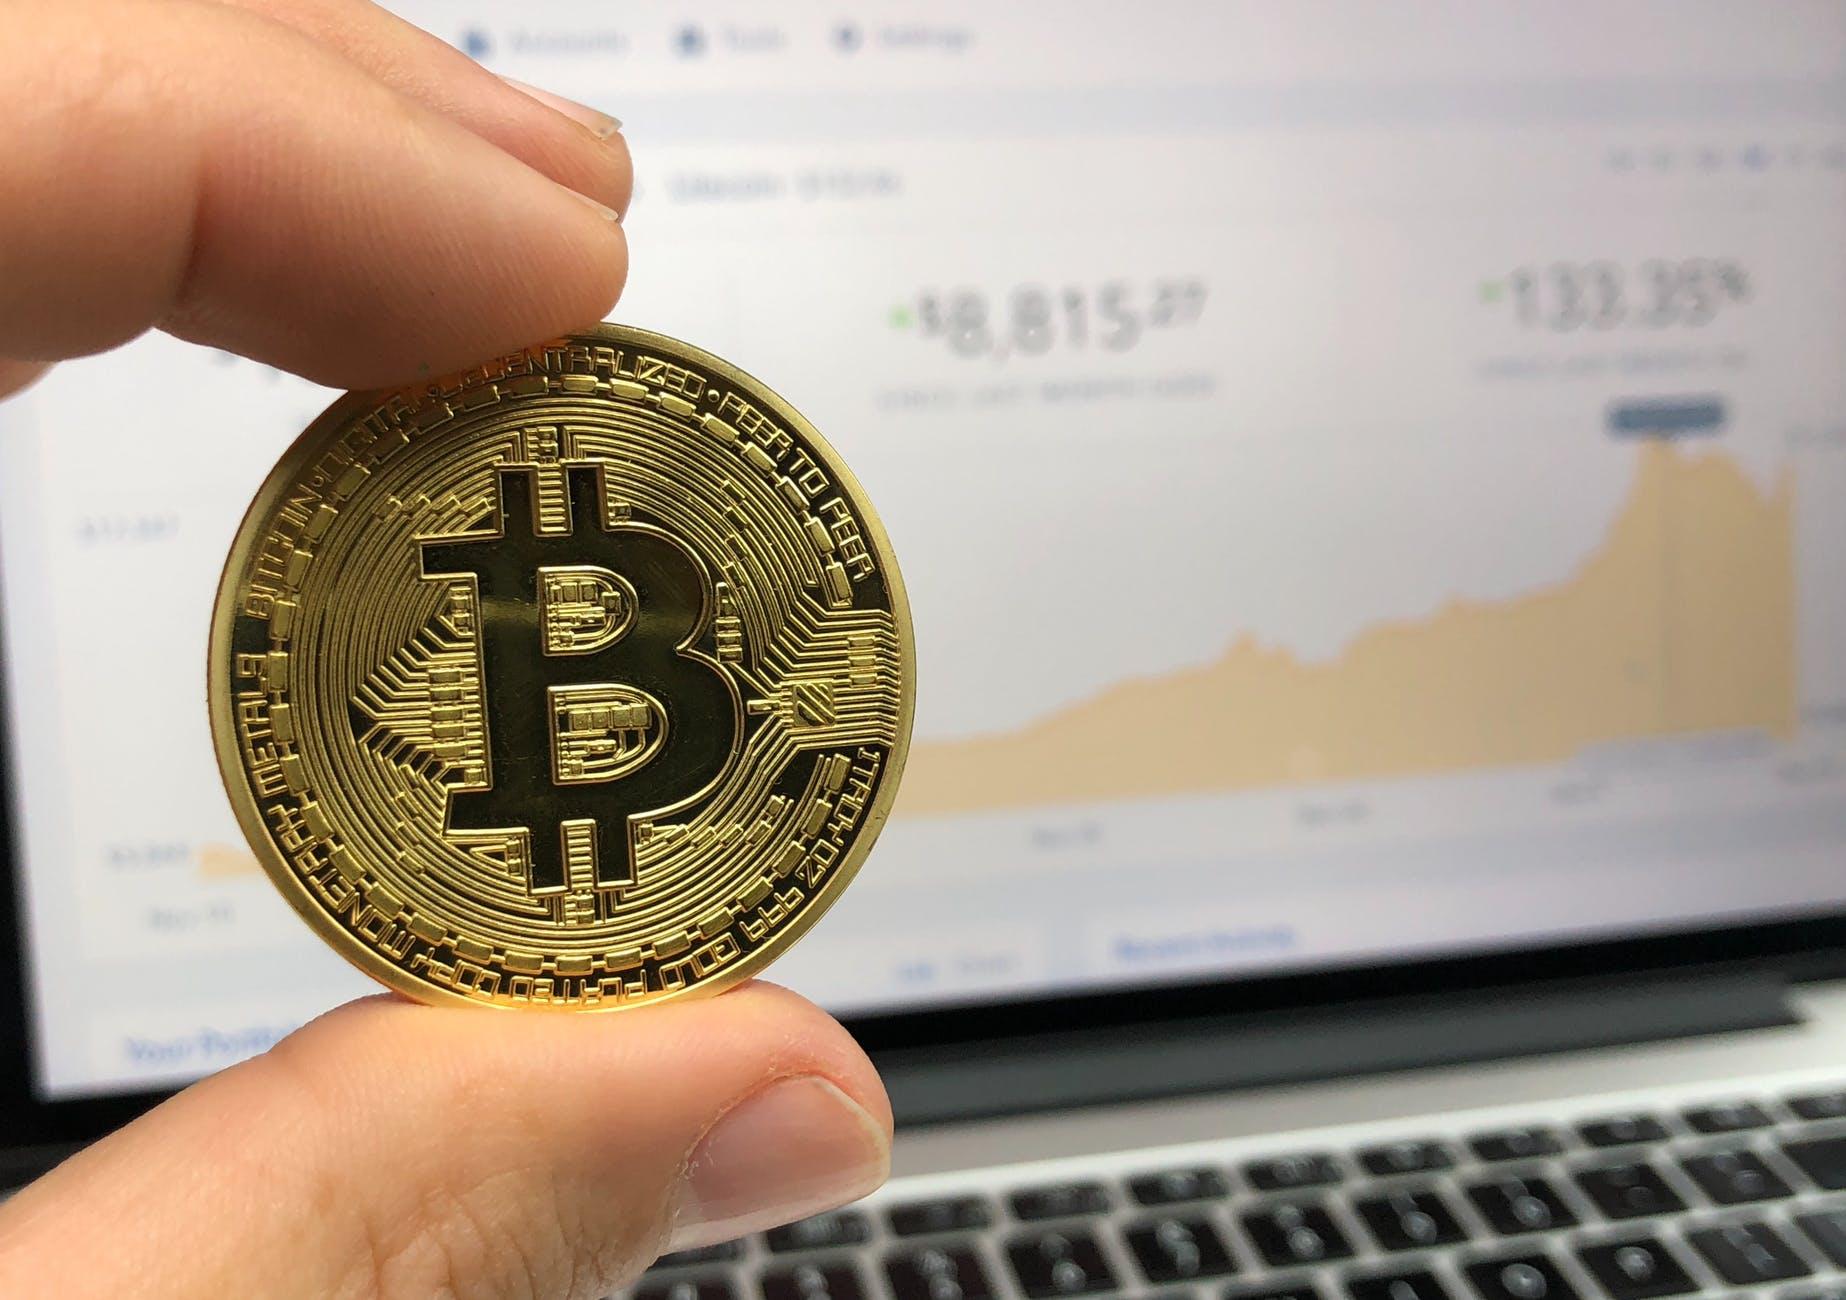 Инвестиции в криптовалюту или акции? что выбрать? отзывы